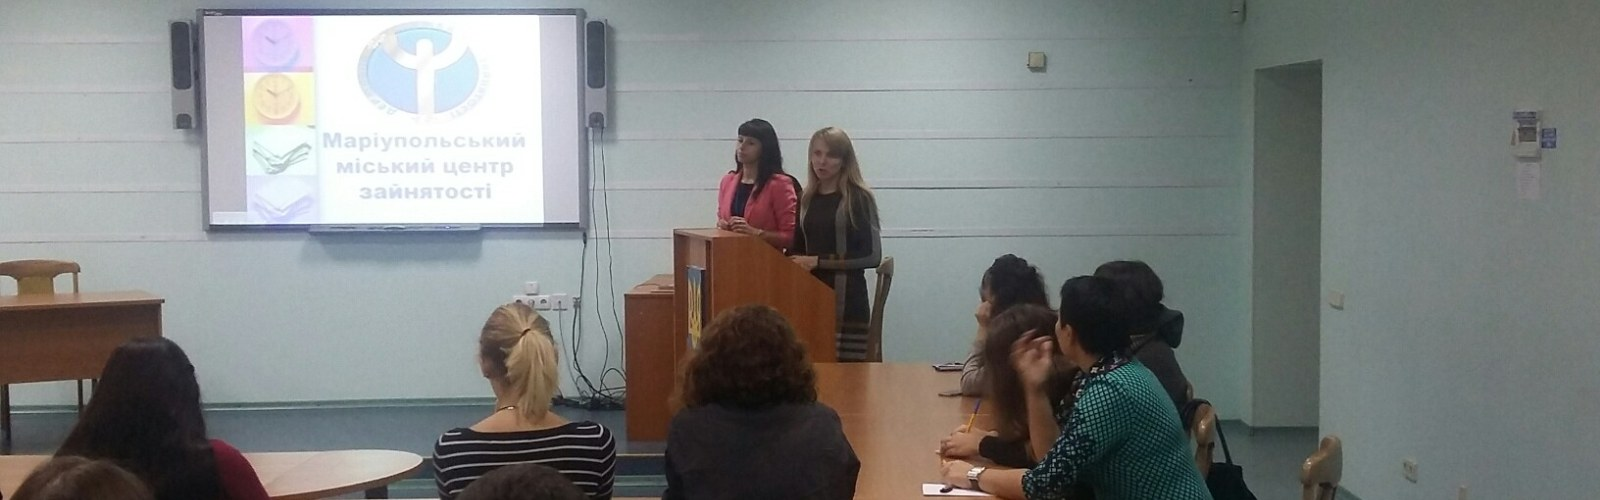 Лекція провідного фахівця Маріупольського міського центру зайнятості для студентів спеціальності «Соціальна робота»